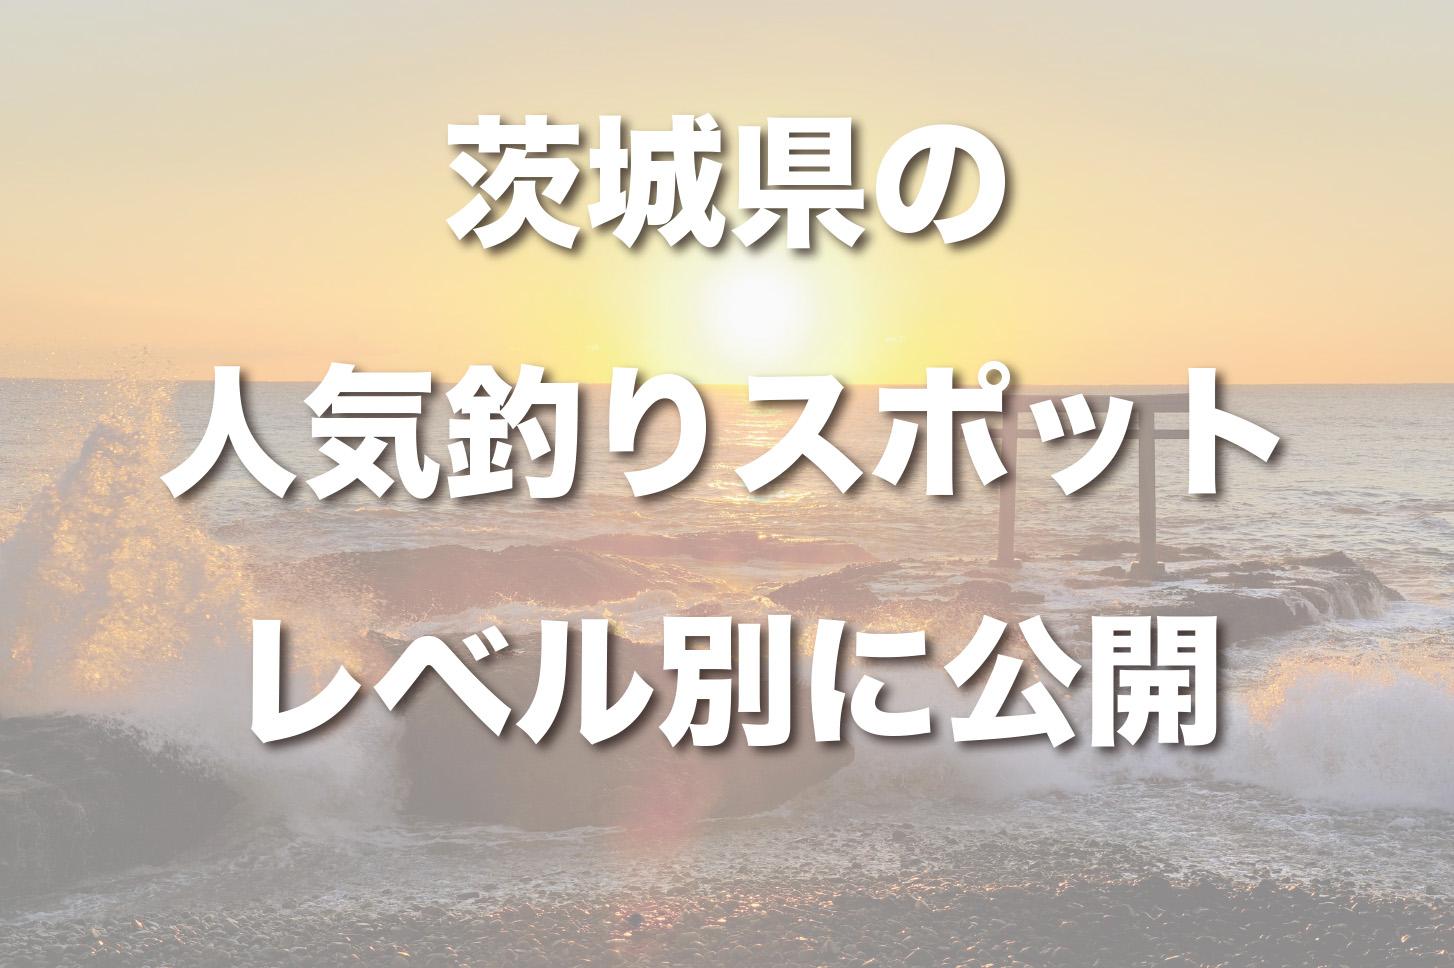 茨城県の釣り場人気スポット!初心者向けから本格ルアー釣りまで紹介!